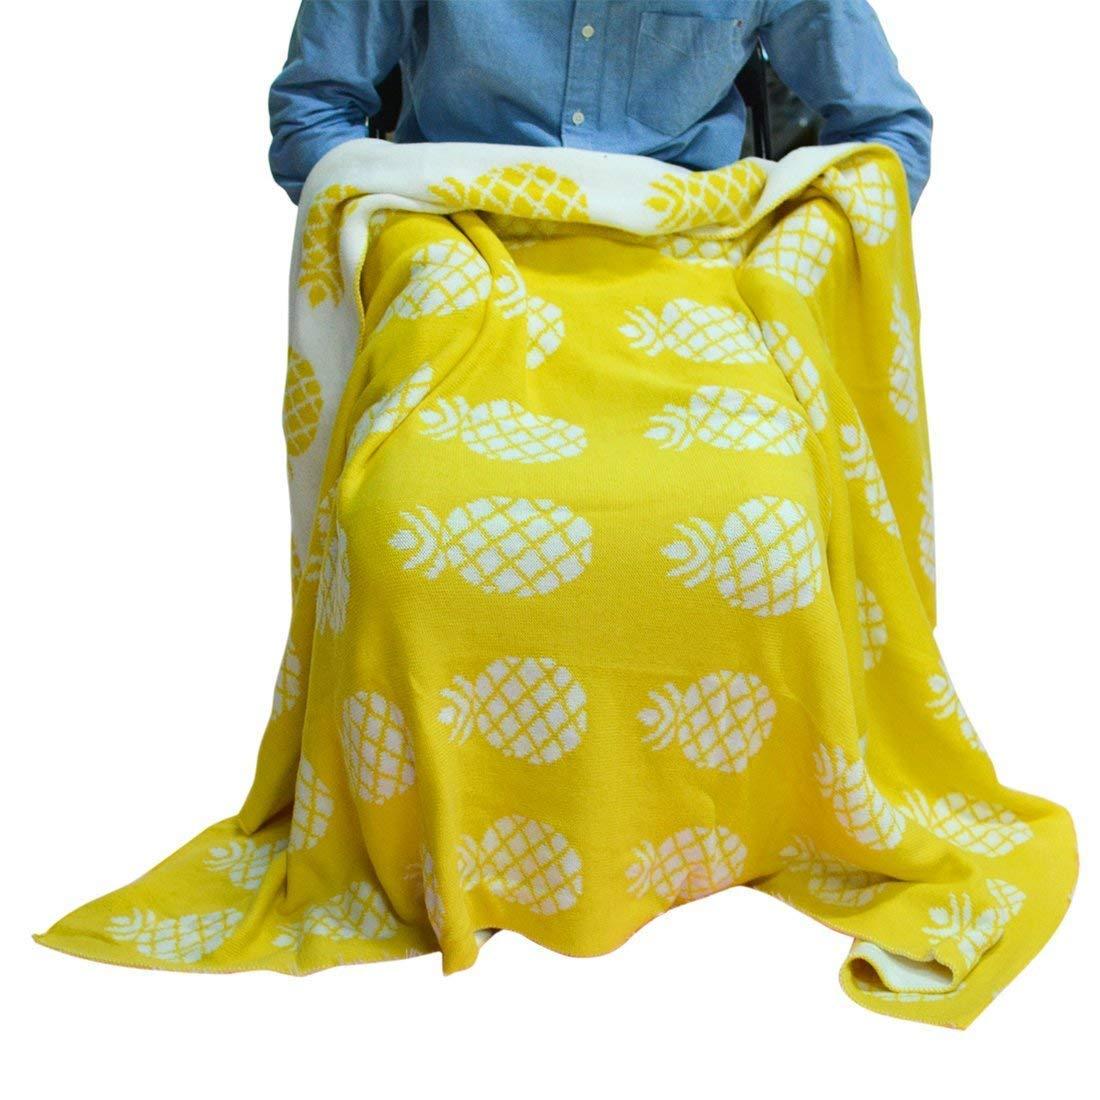 Brandream Yellow Pineapple Knitted Blanket Kids Bed Blanket Adults Summer Blanket by Brandream